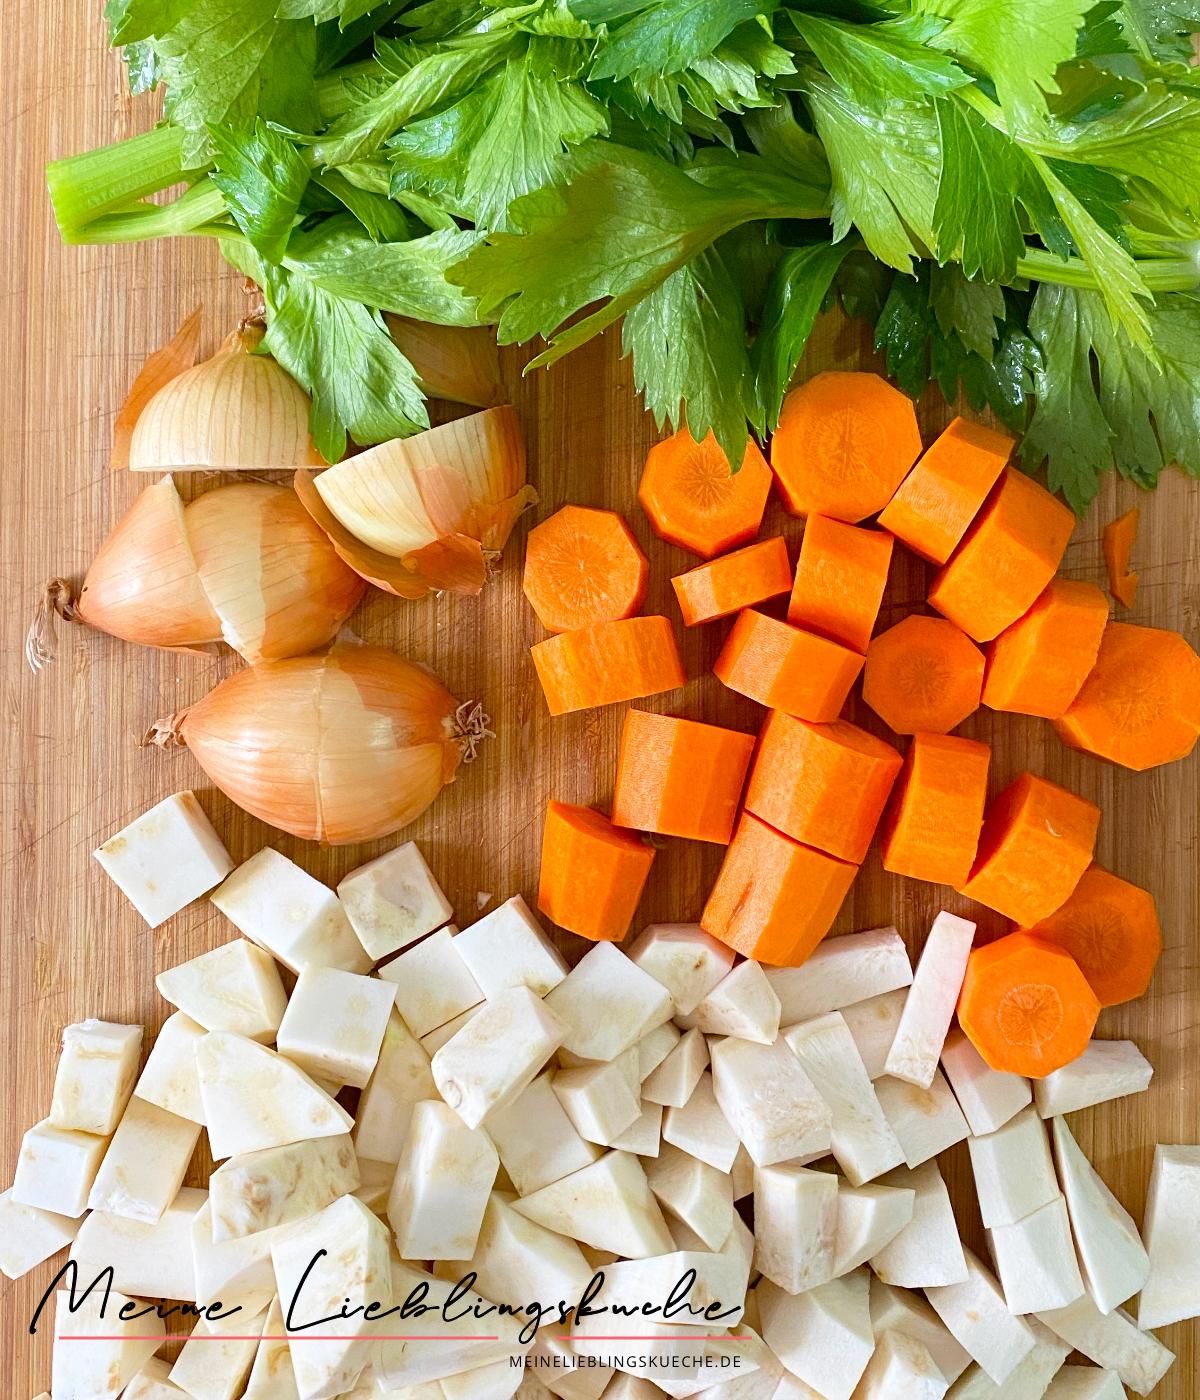 Zutaten für veganes, deftiges Gemüsefond